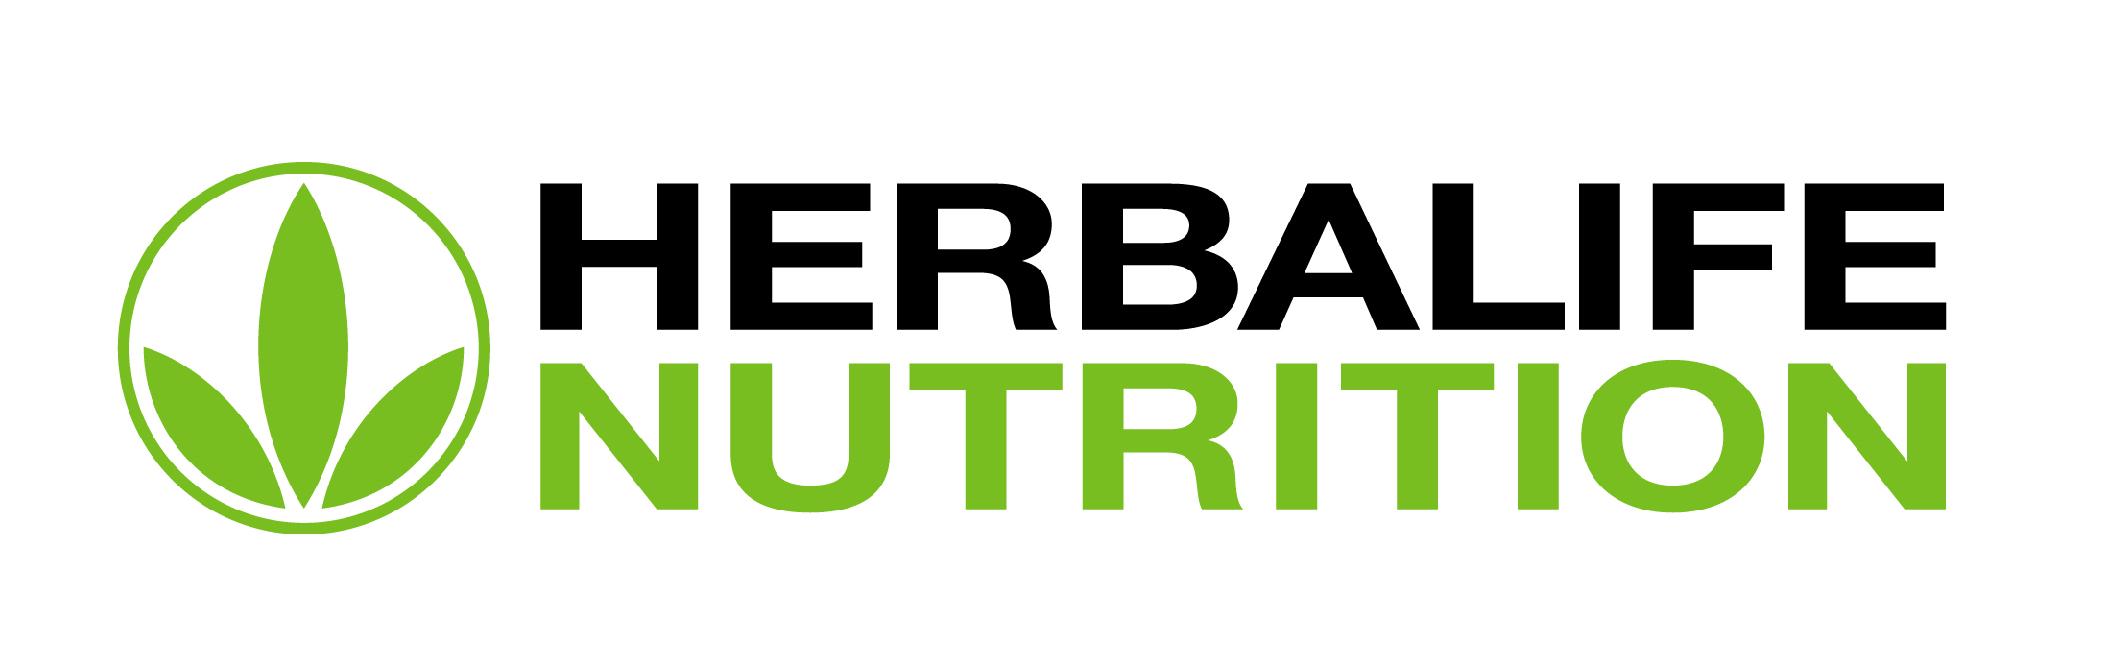 Herbalife Nutrition 2019